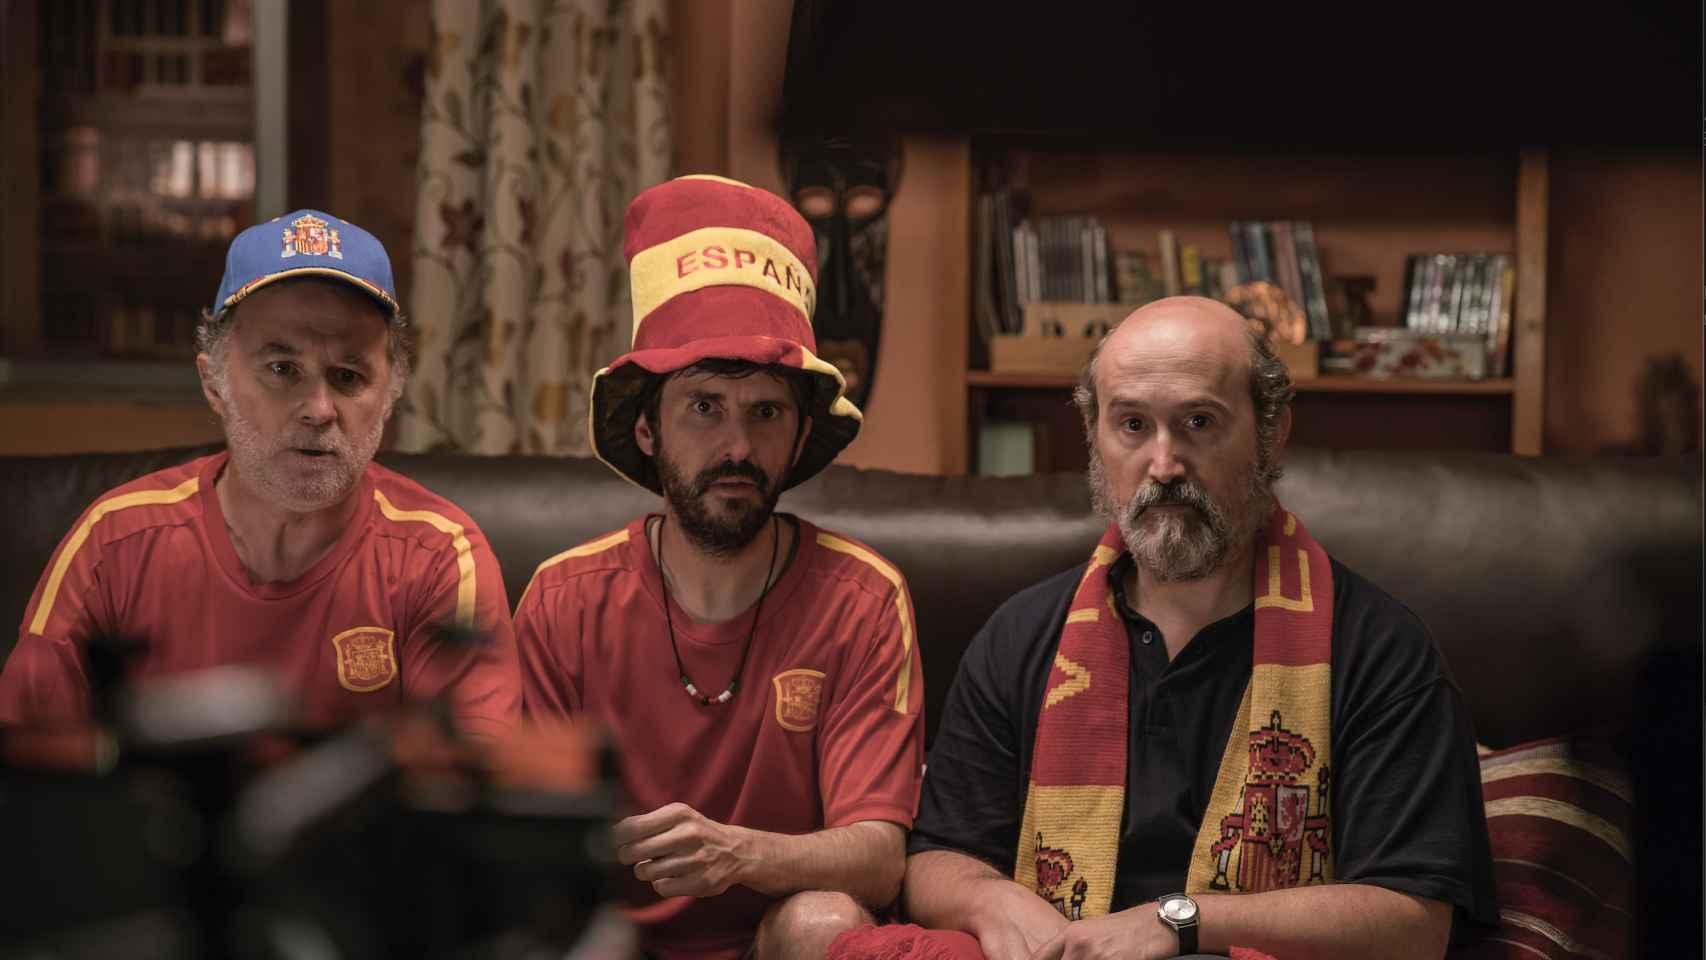 Las 18 series españolas originales del catálogo de Netflix (de peor a mejor)